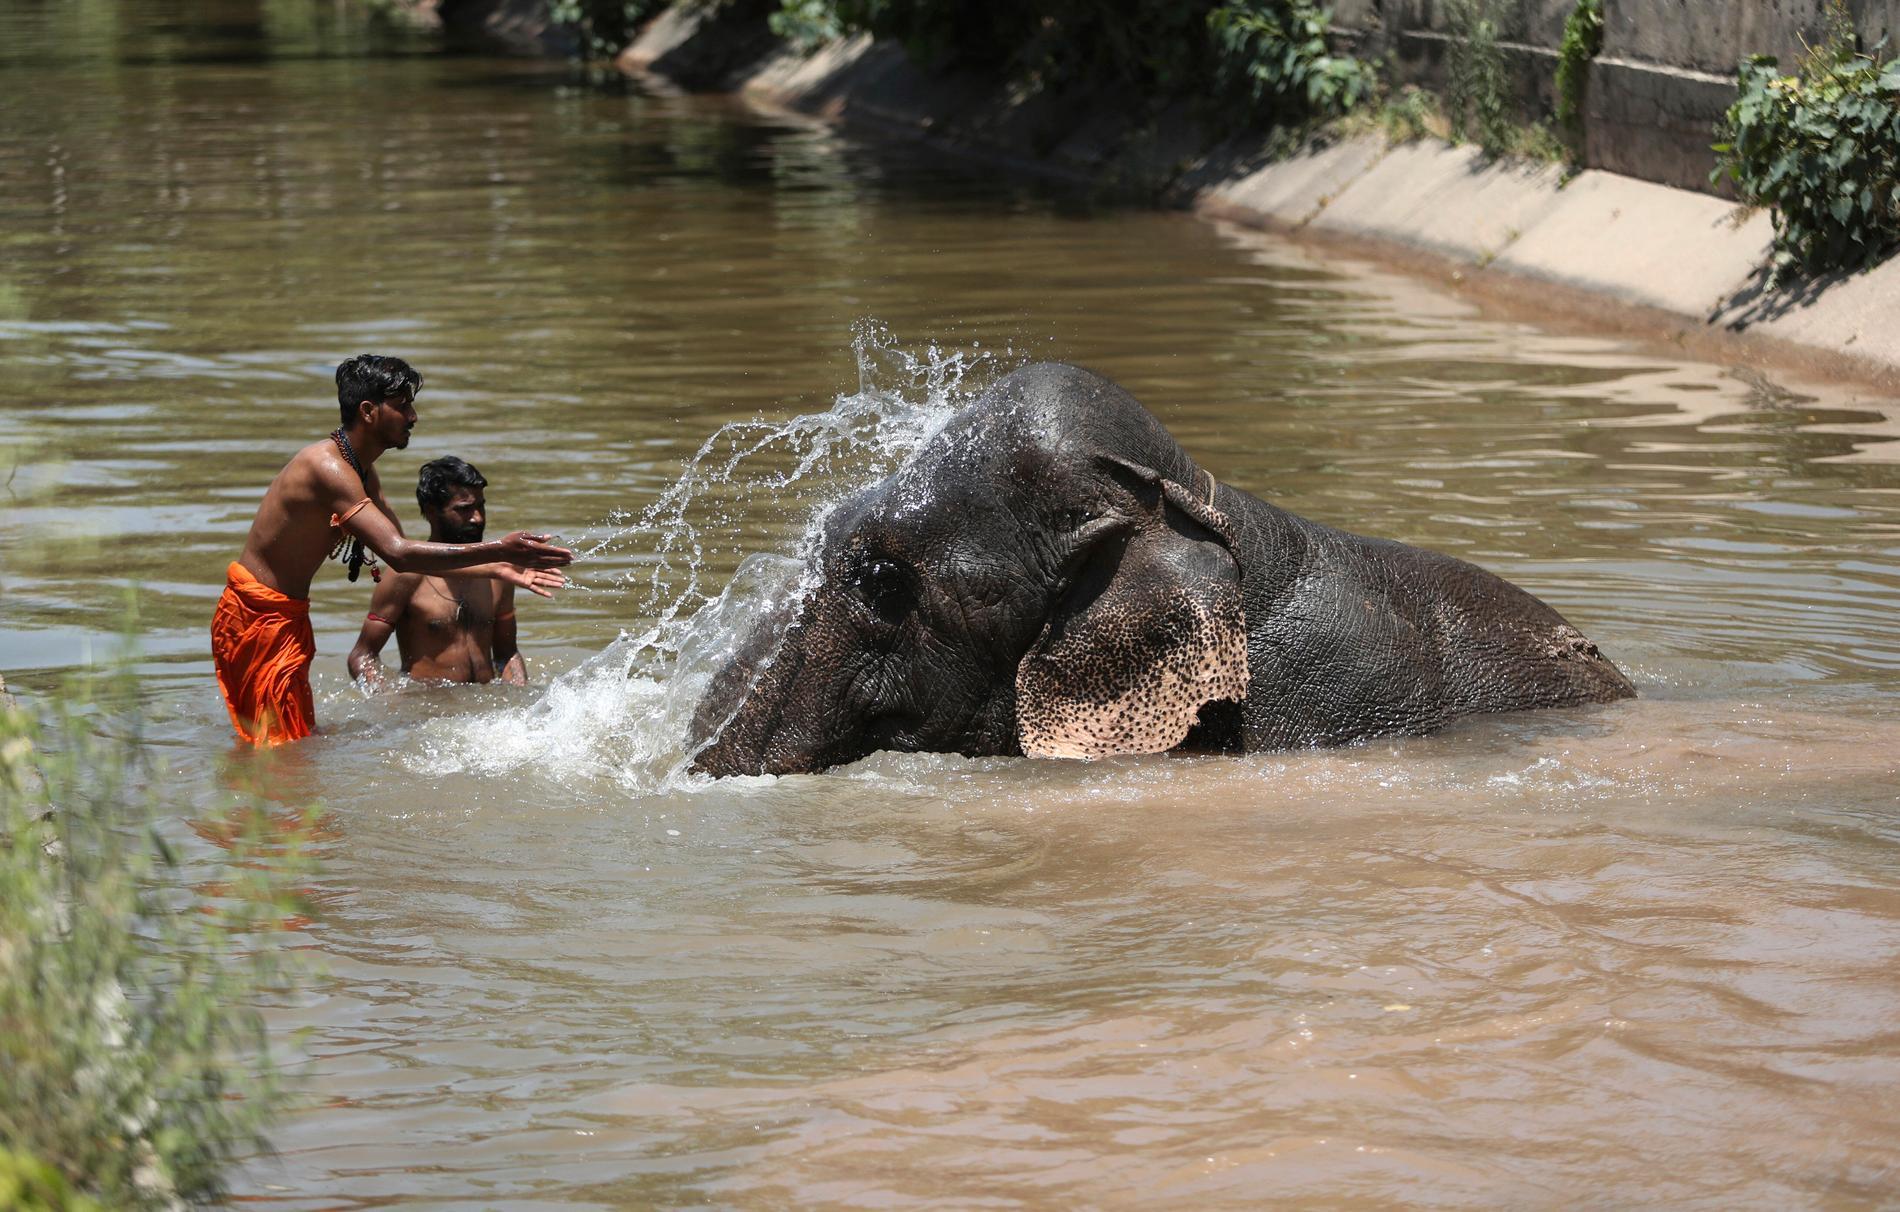 Mahouter (elefantskötare) svalkar sig tillsammans med sitt djur i staden Jammu på tisdagen.